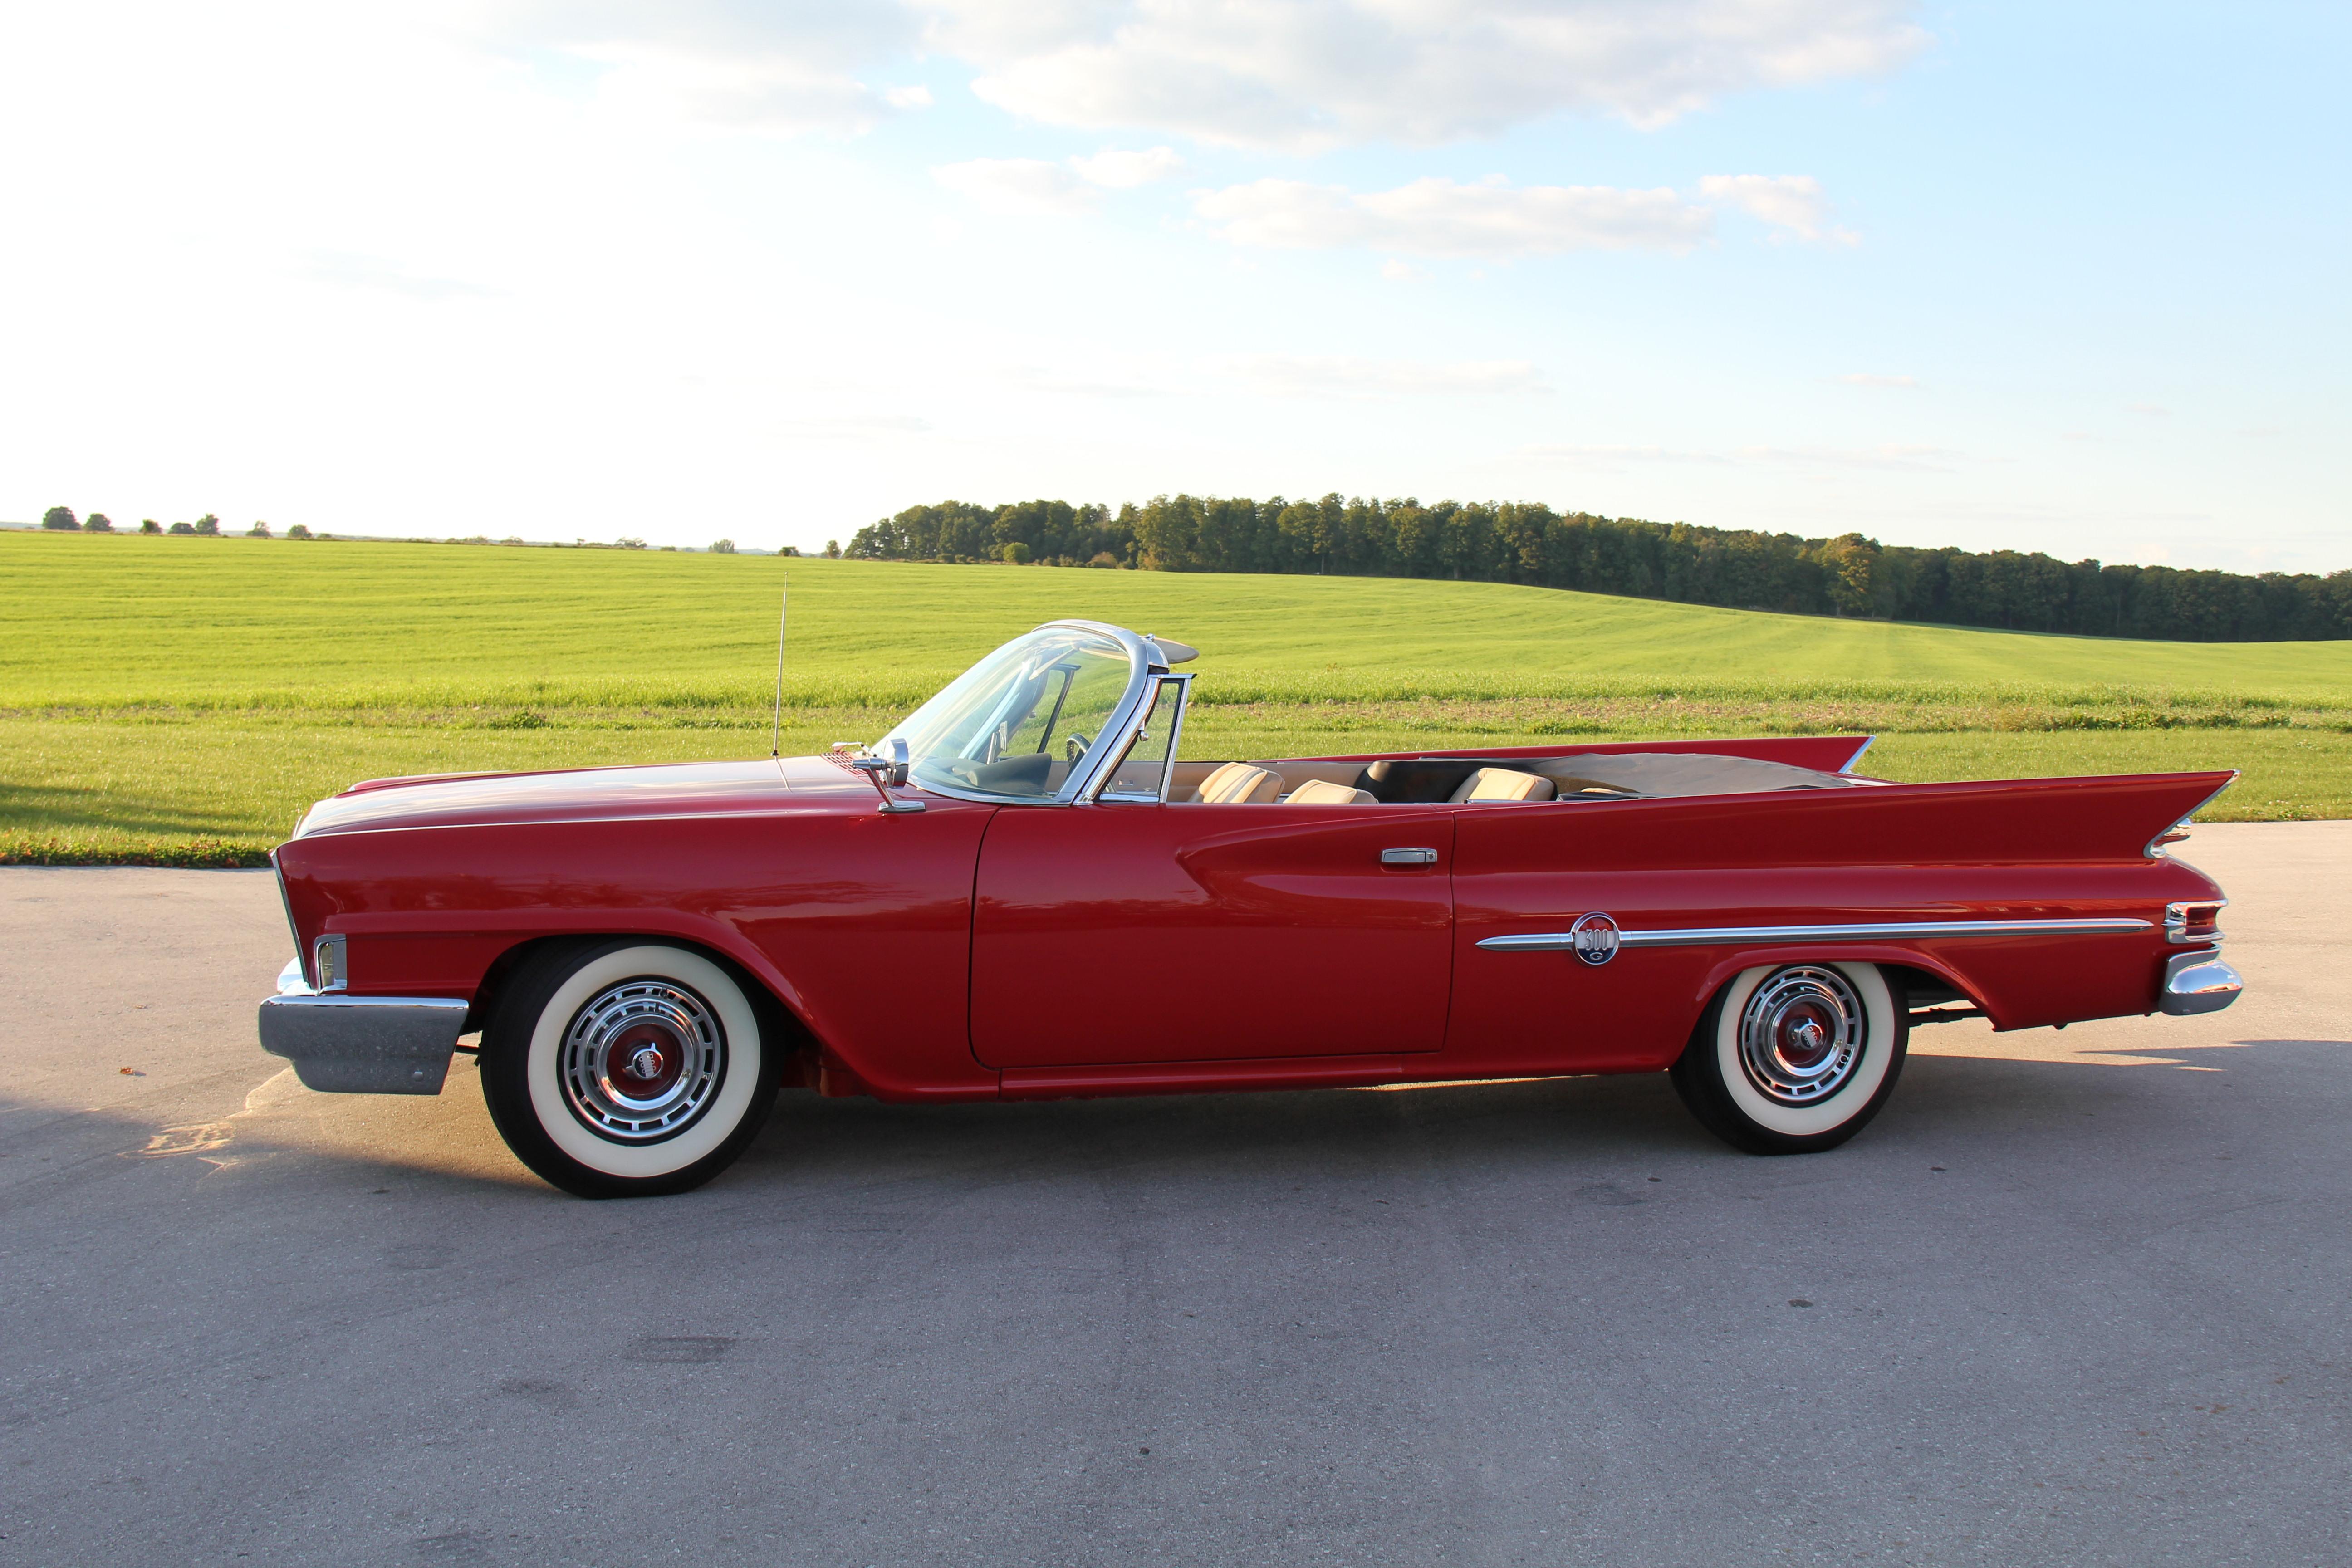 1961 Chrysler G300